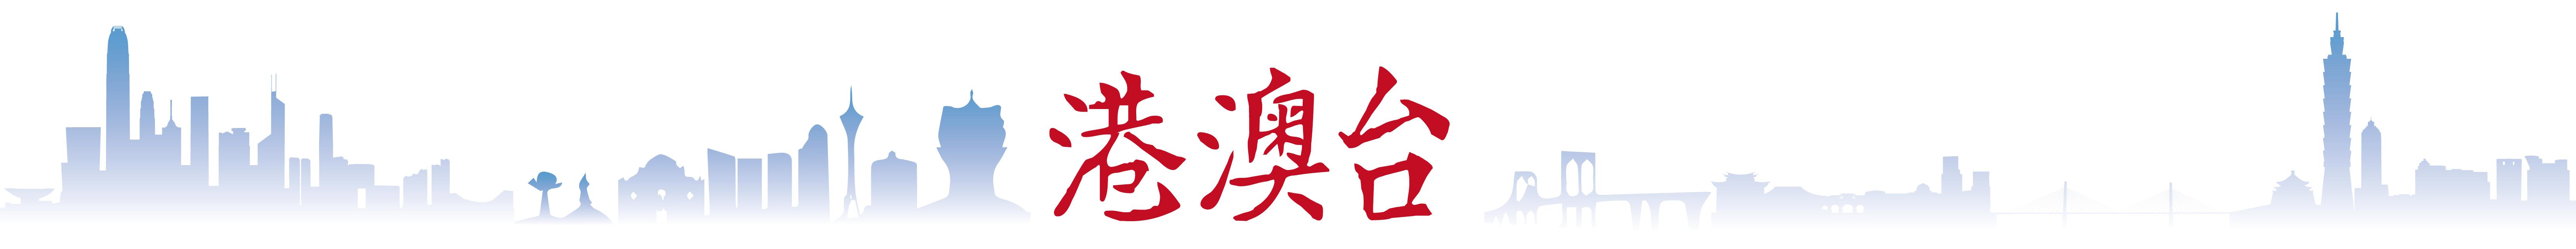 柯文哲的政党旗开得胜,2024年他能不能战胜民进党?|台湾选后观察2